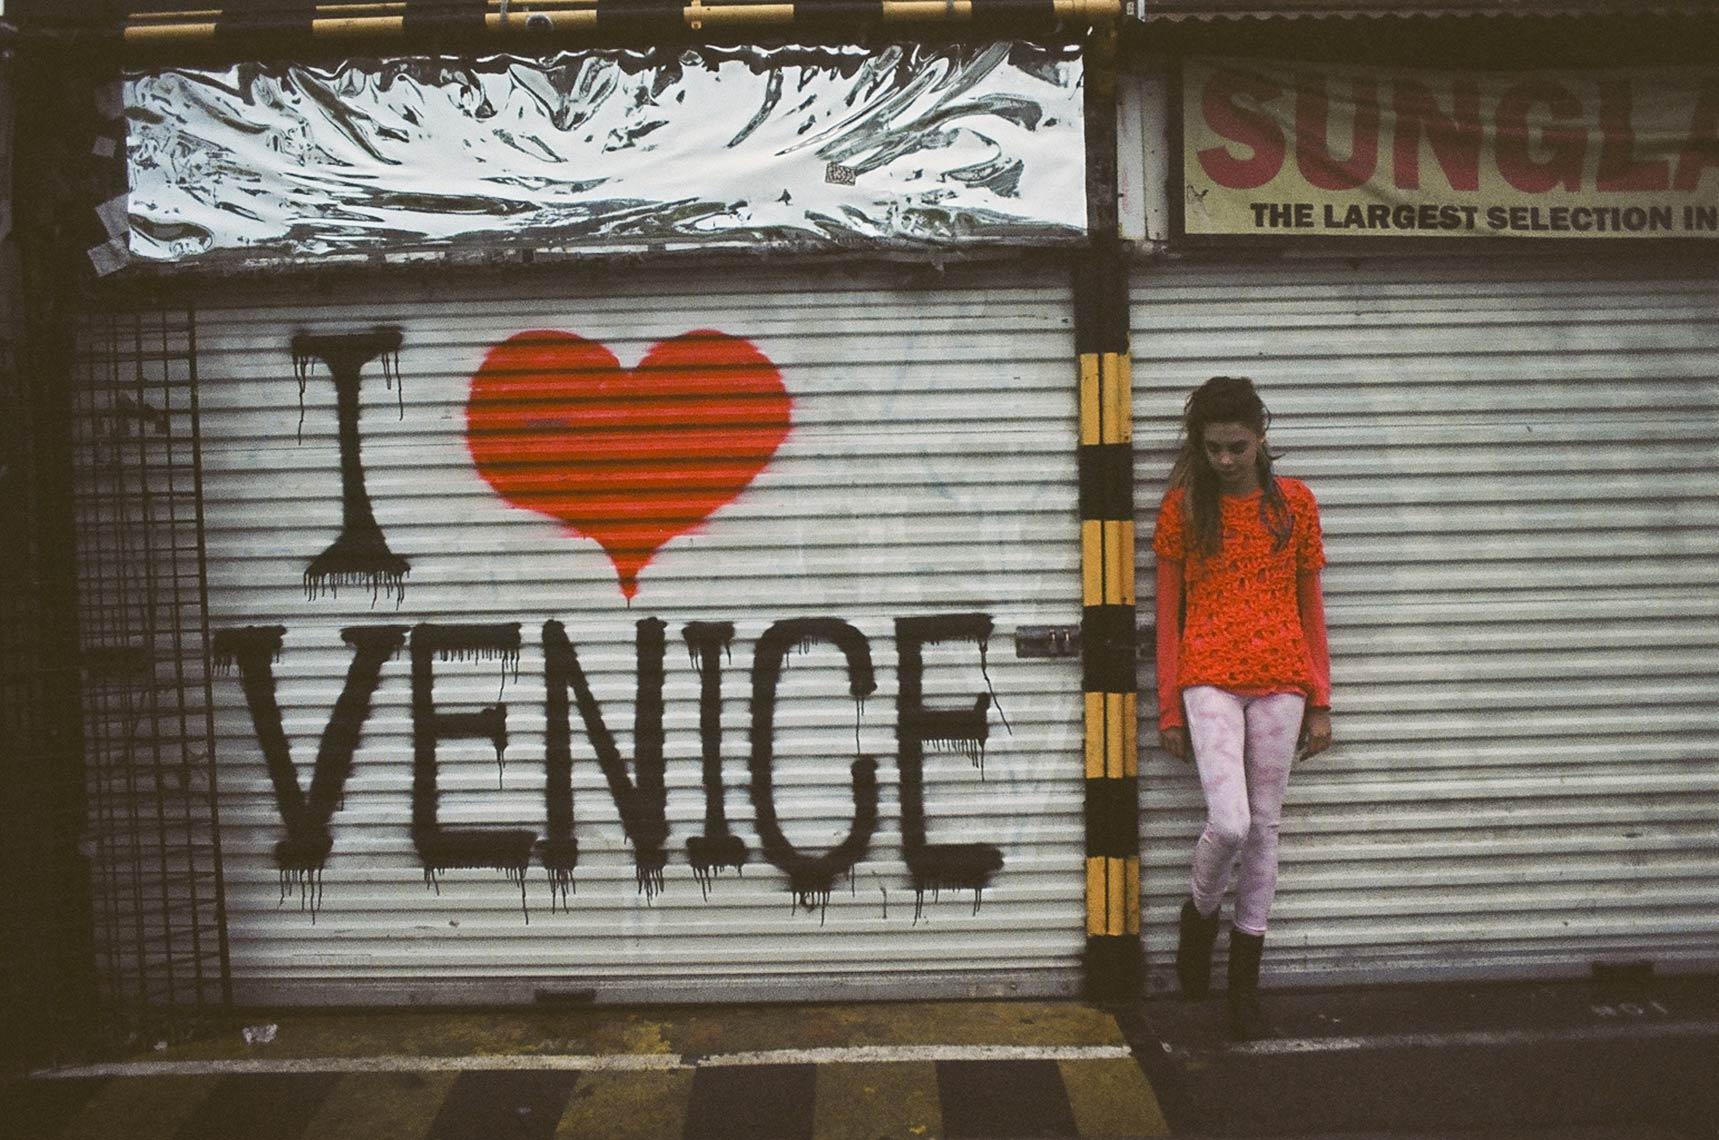 cvmessling_fashion_story11_01.jpg